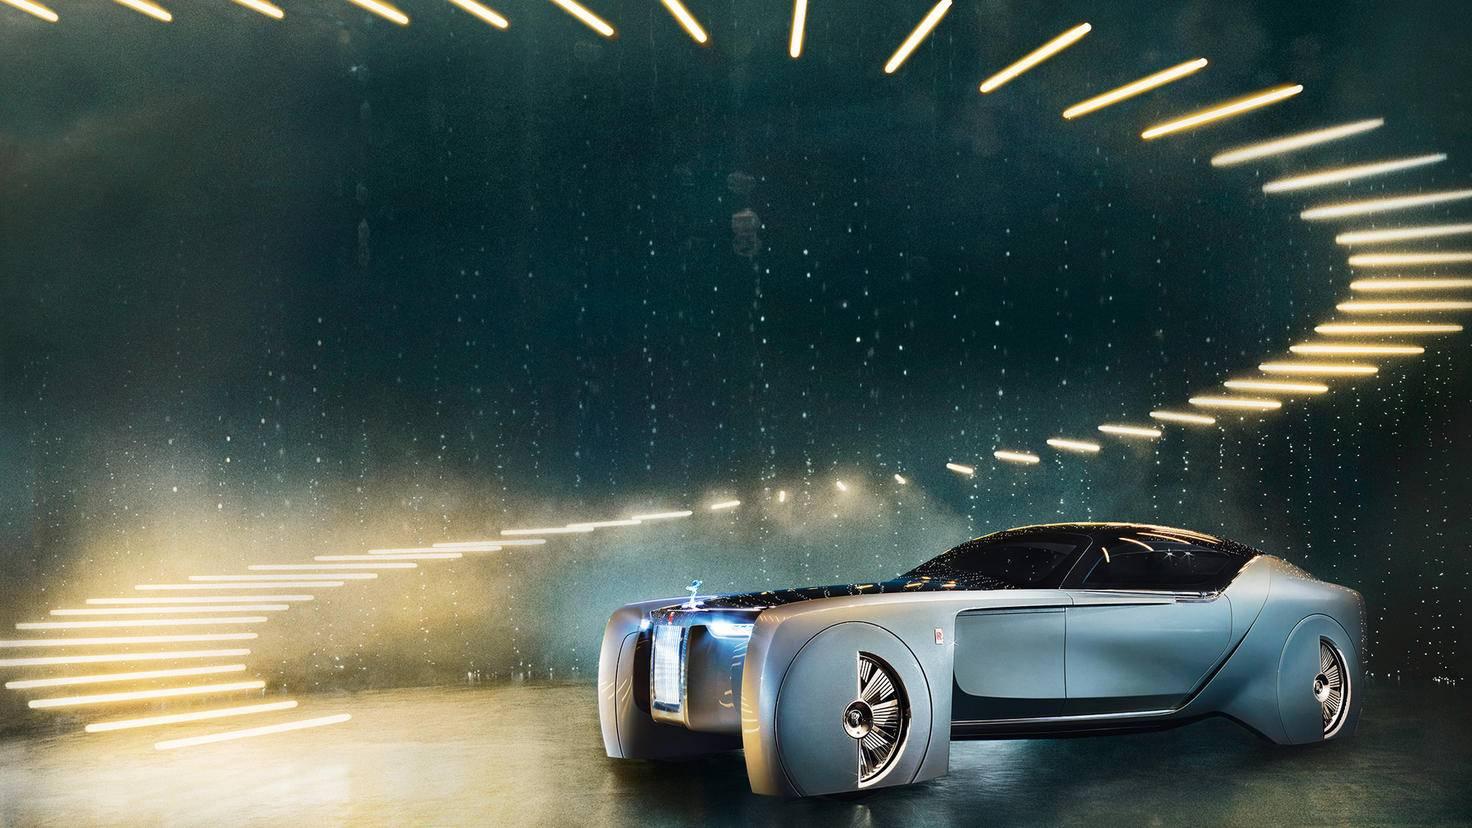 Pompös: Beim Aussteigen aus dem Rolls-Royce VISION NEXT 100 öffnen sich Dach und Seitentür. Leuchten projizieren einen roten Teppich.